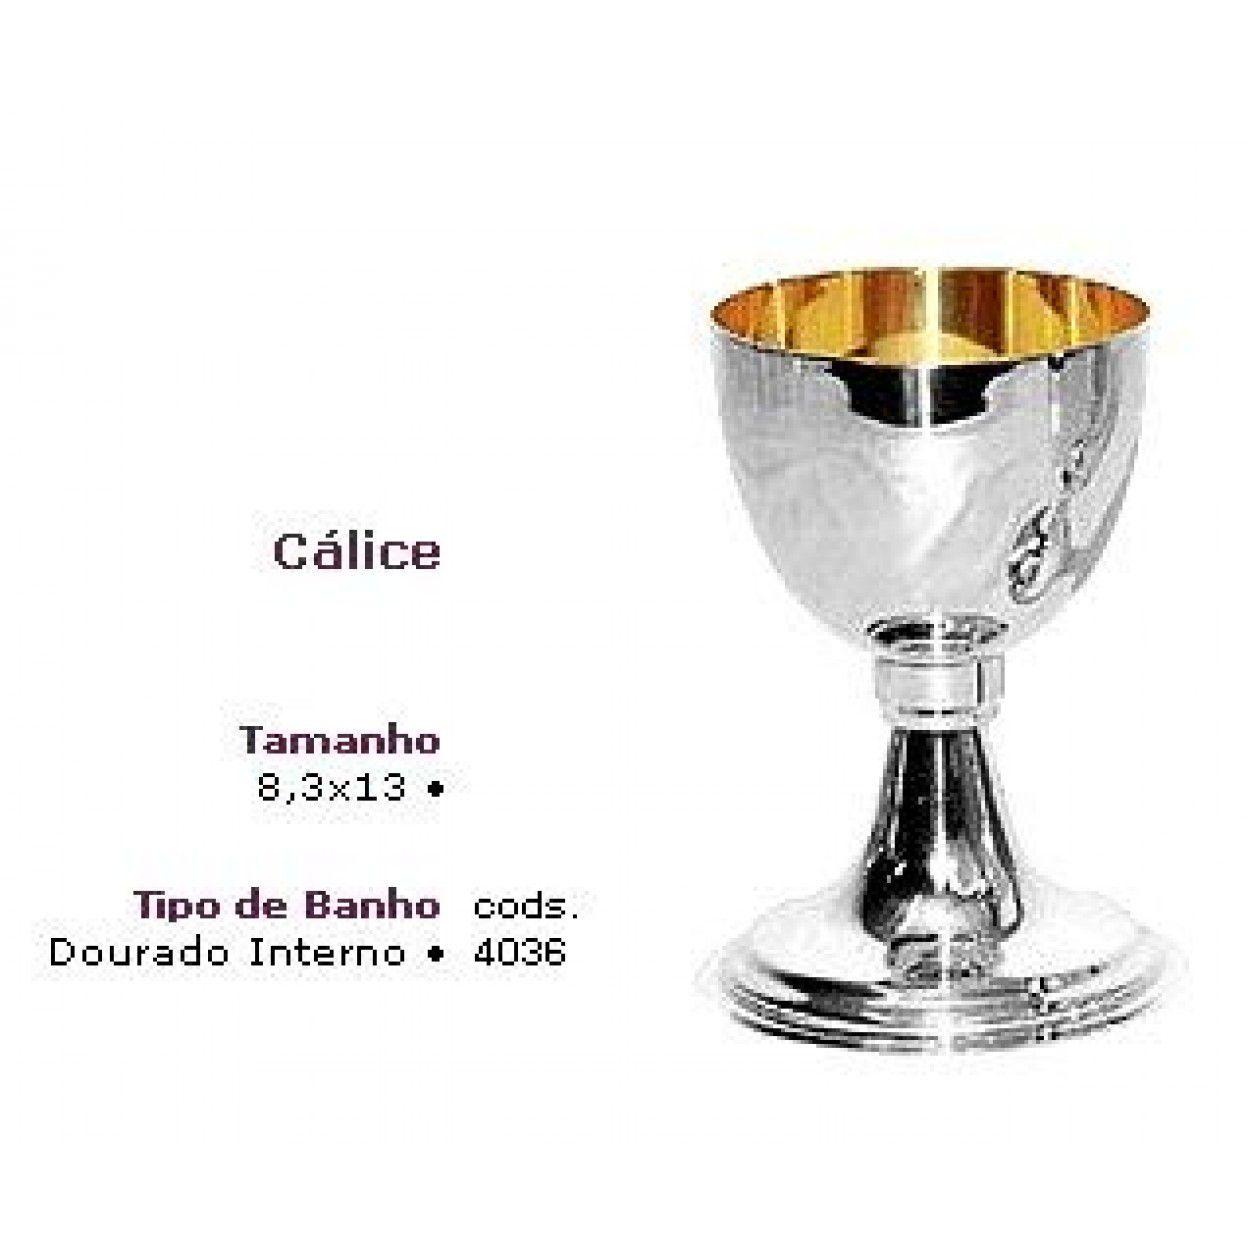 CÁLICE DOURADO INTERNO 4036 - 8014